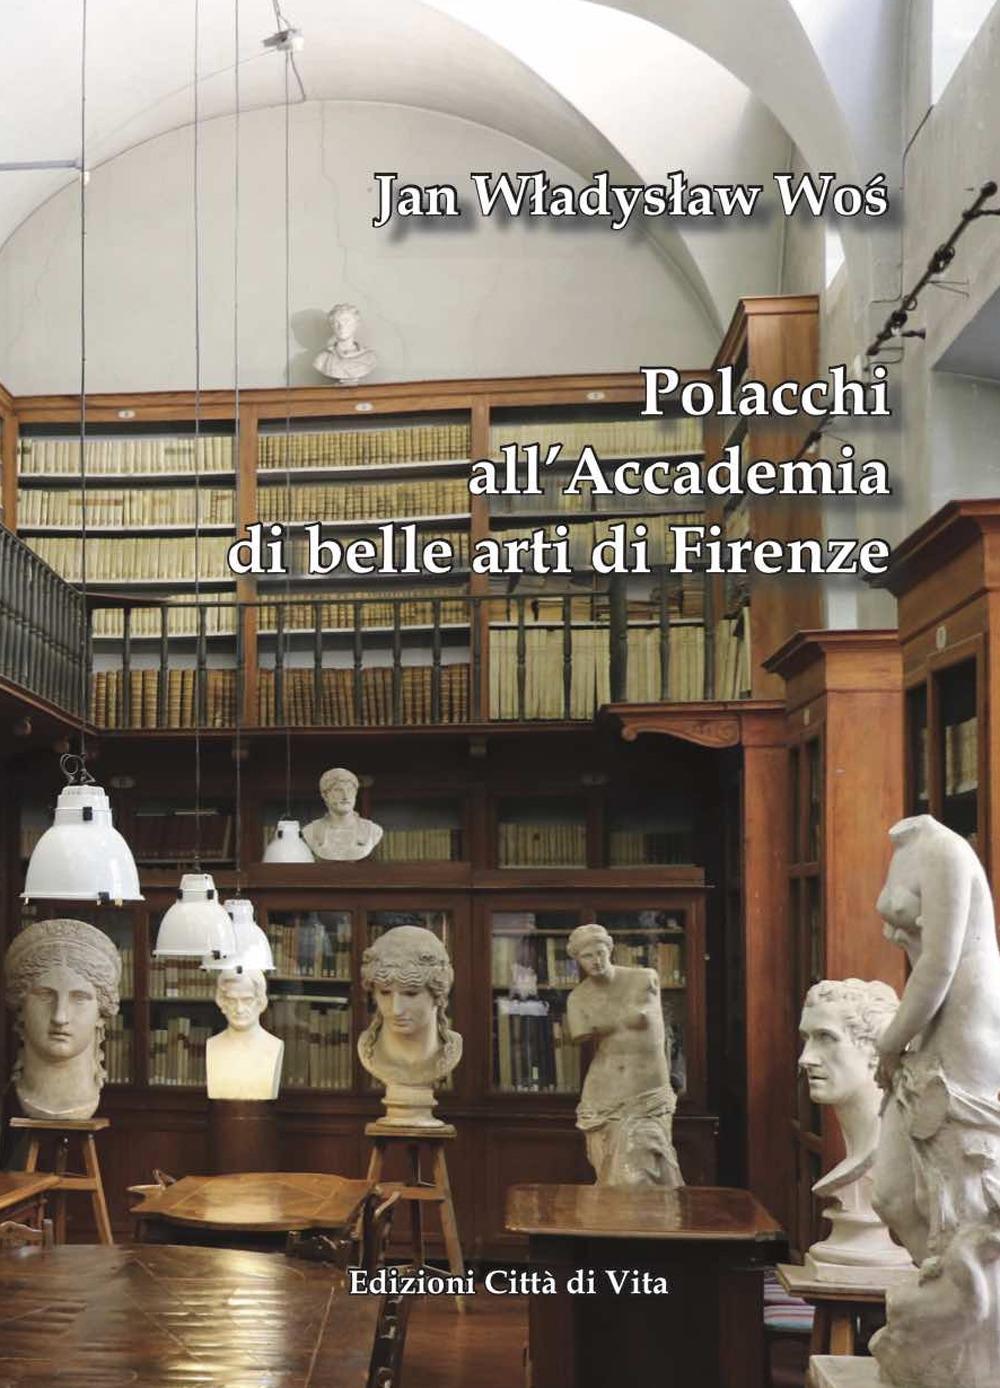 Polacchi all'accademia di belle arti di Firenze